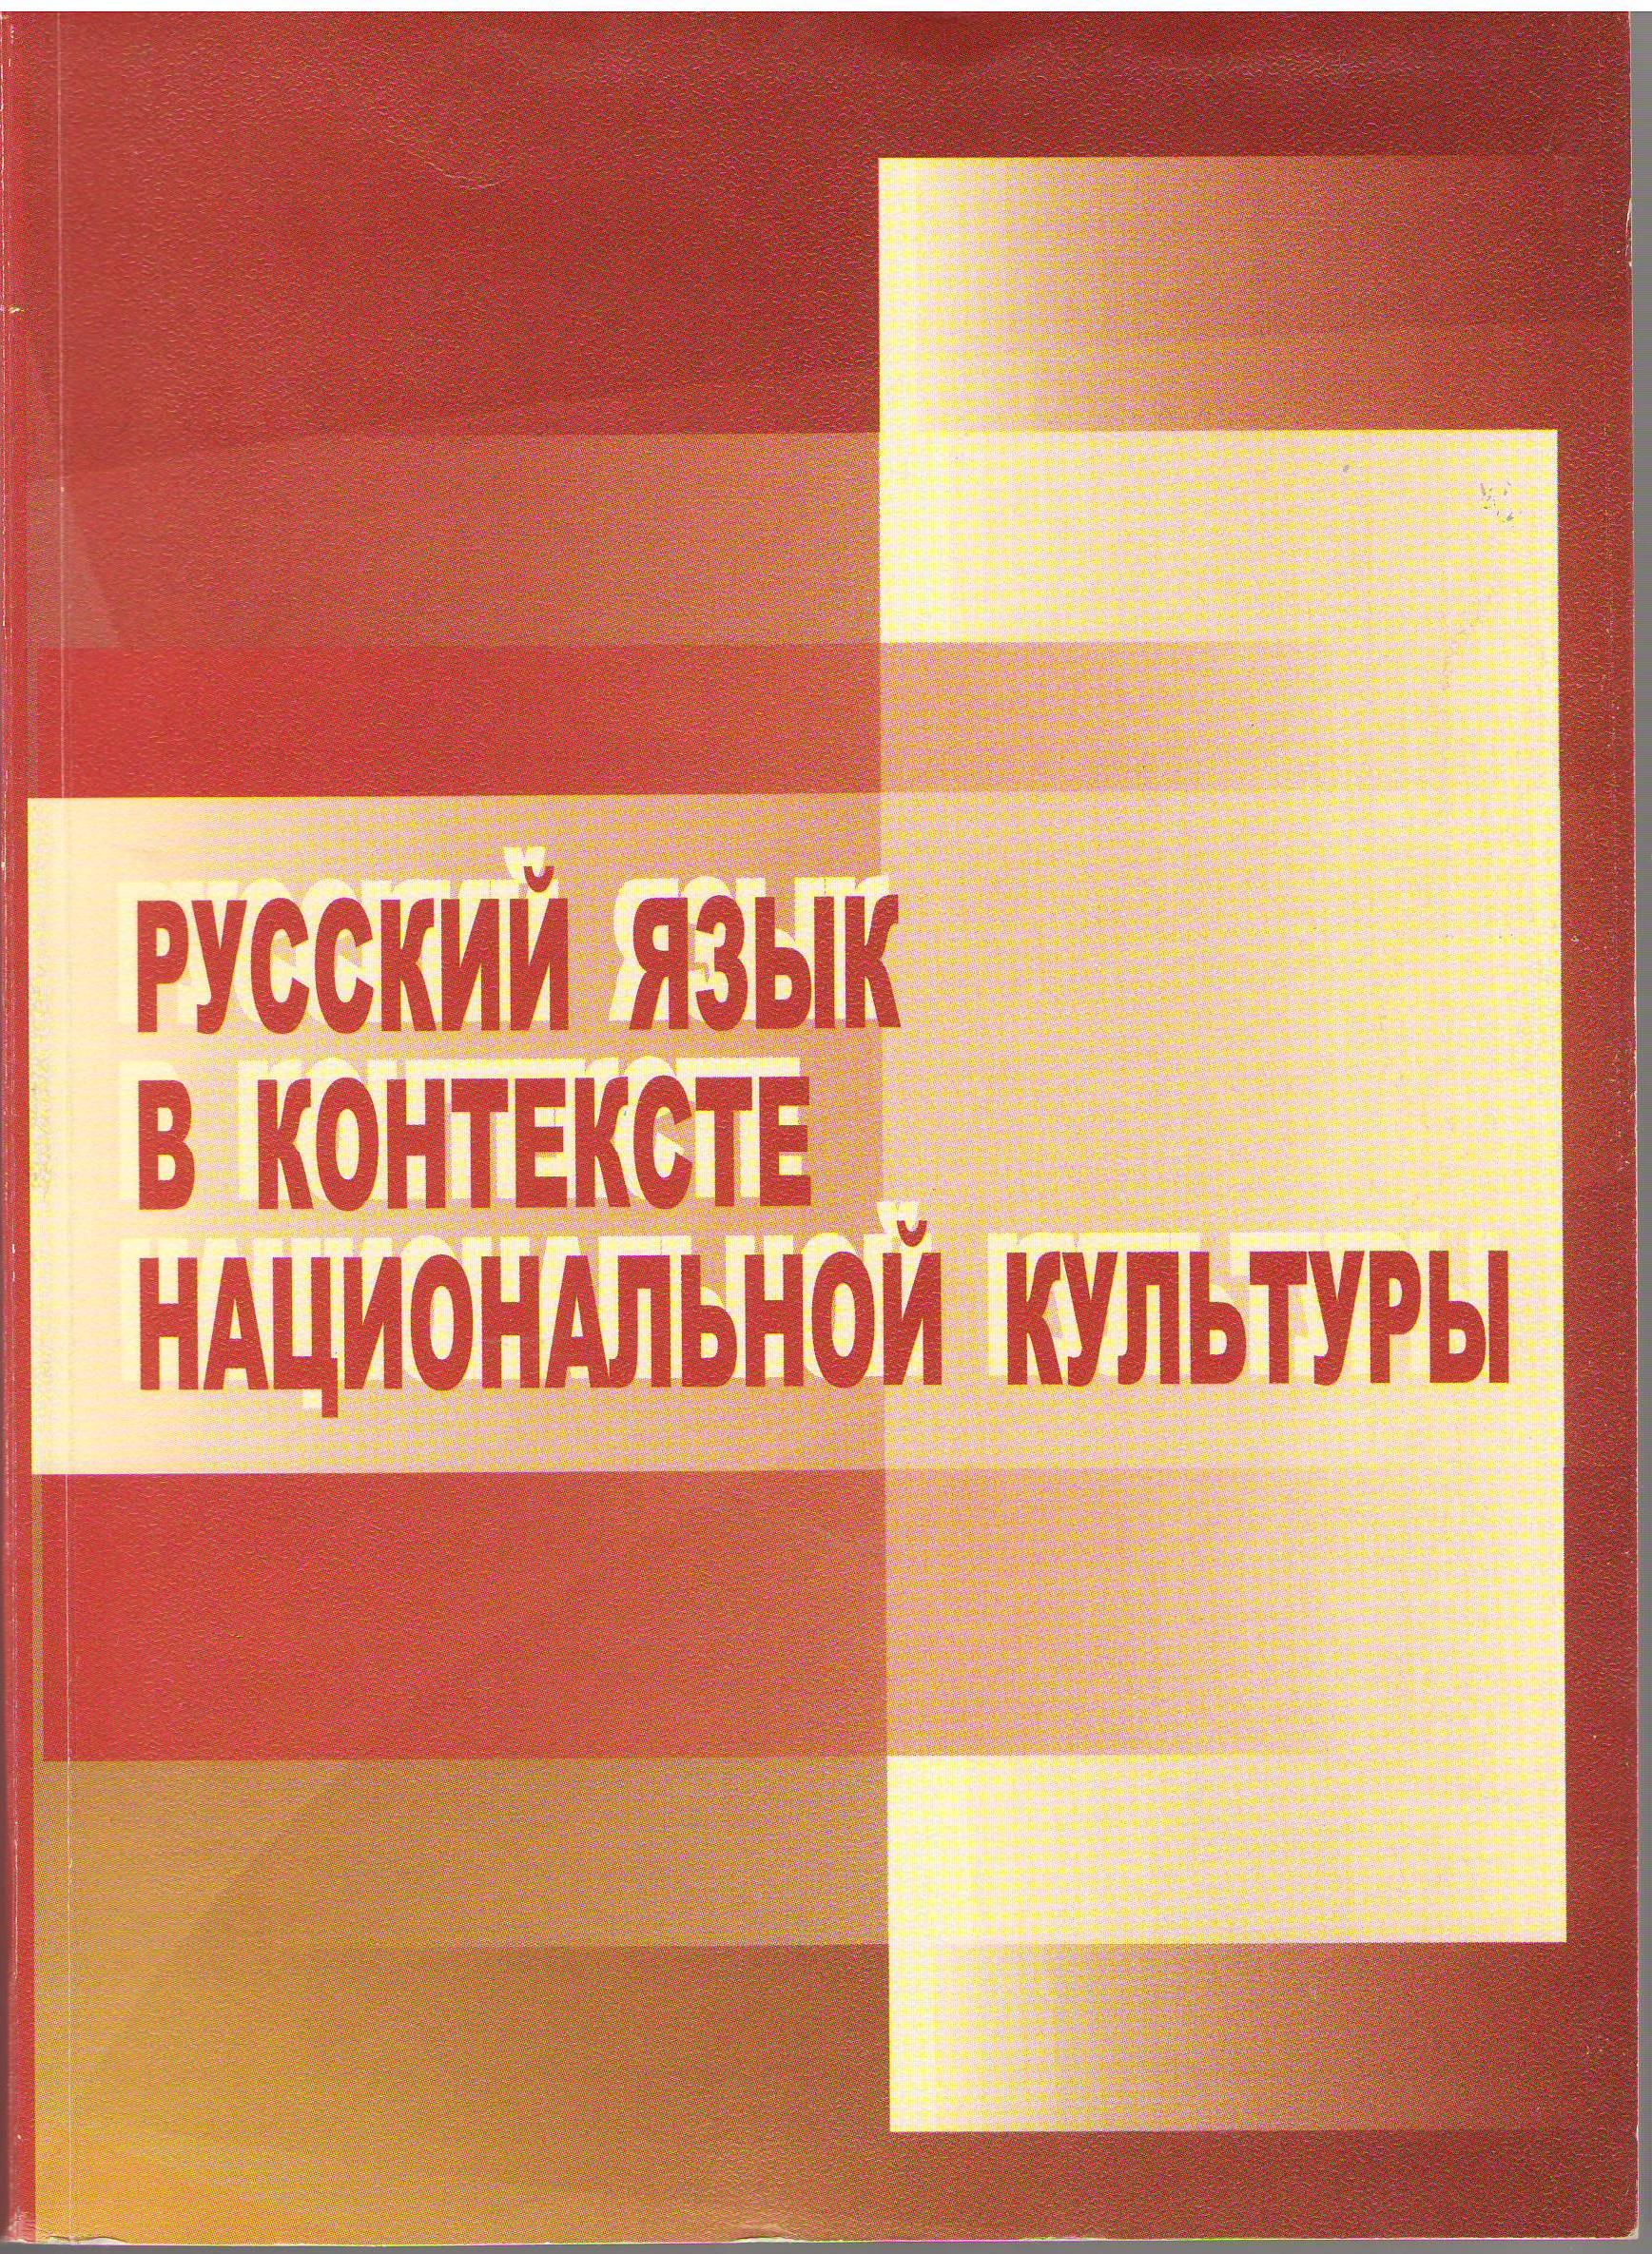 Время и пространство как этическая категория (В. Шаламов «Колымские тетради»)